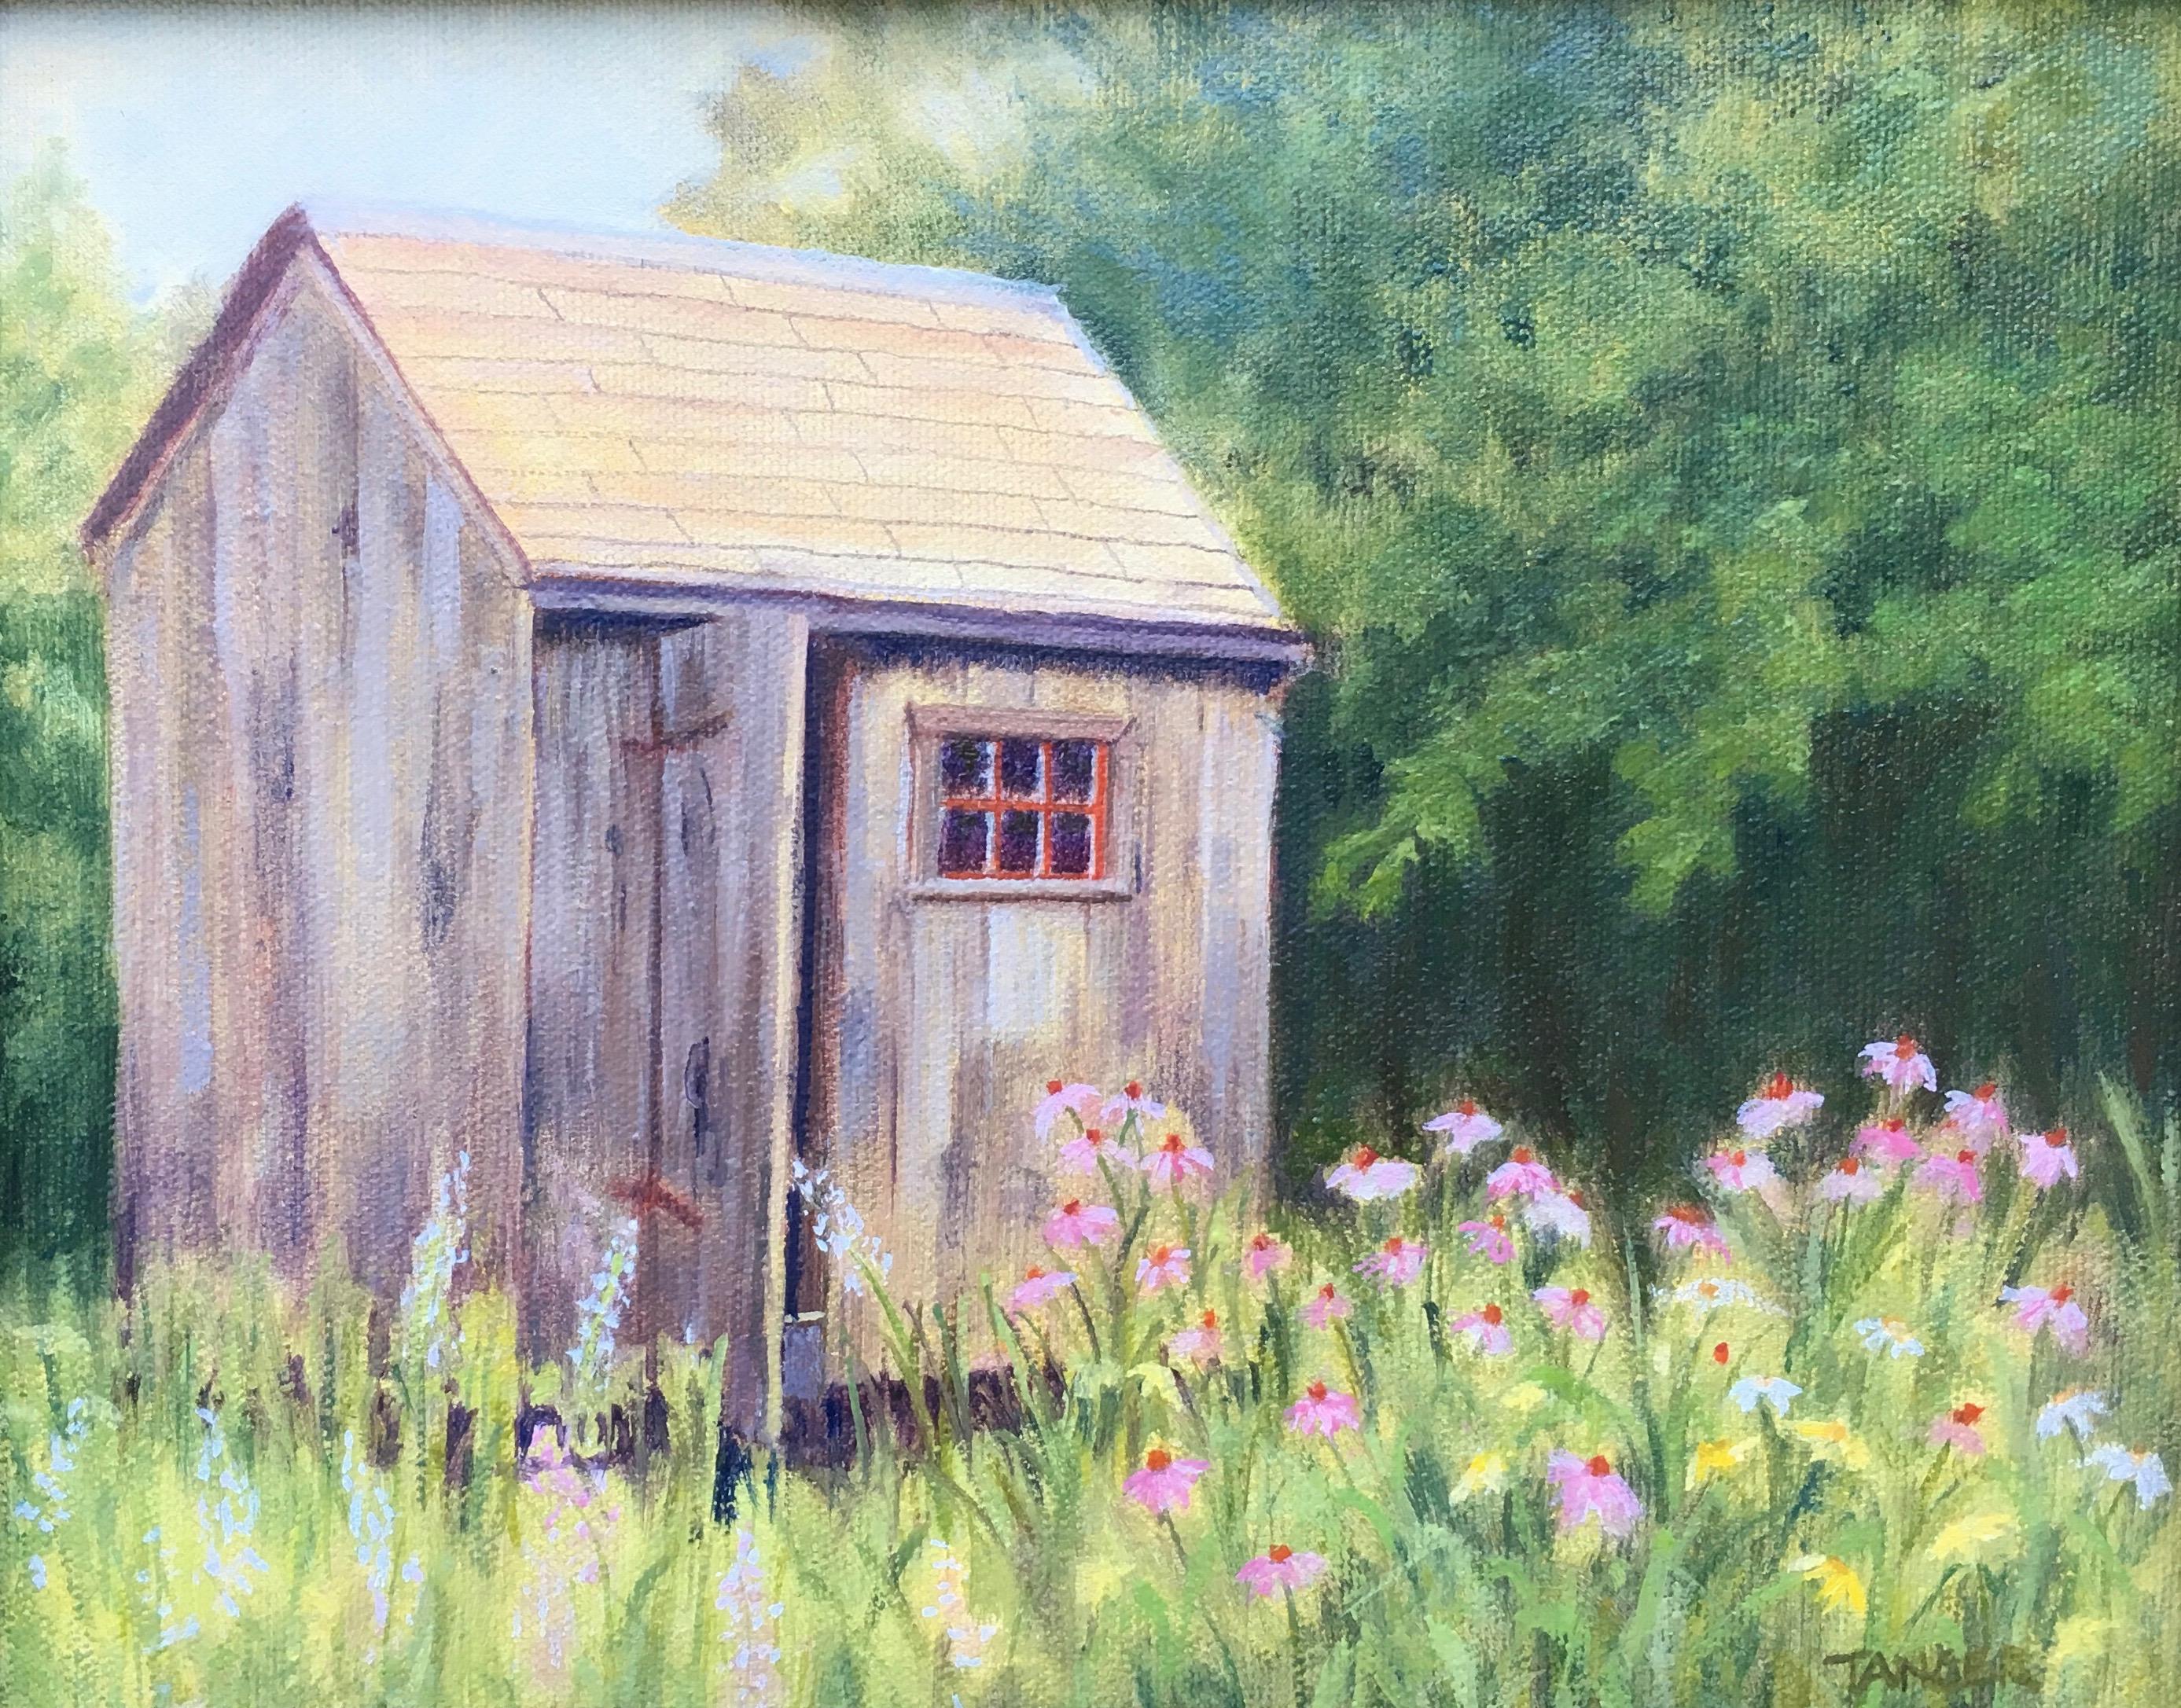 Garden Shed - Pat Tanger